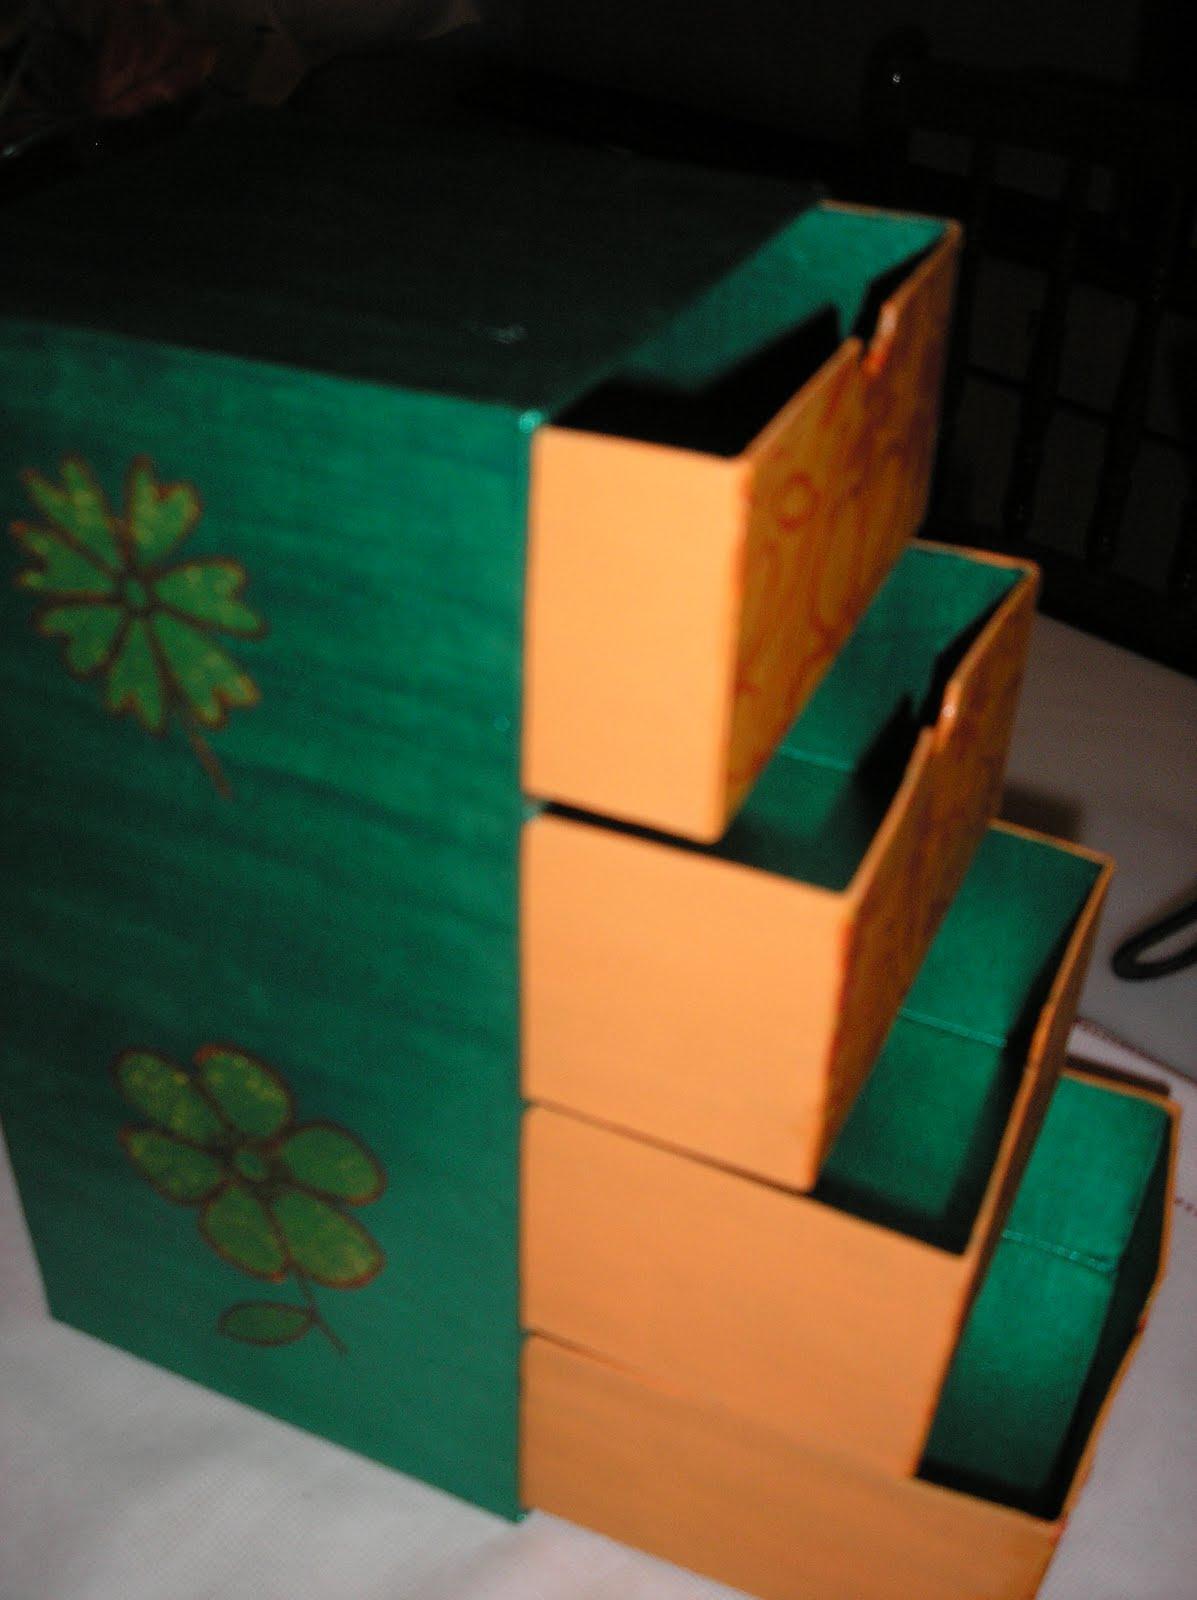 Cajitas varios colores : Son cajas de carton, pintadas con acrilicos y